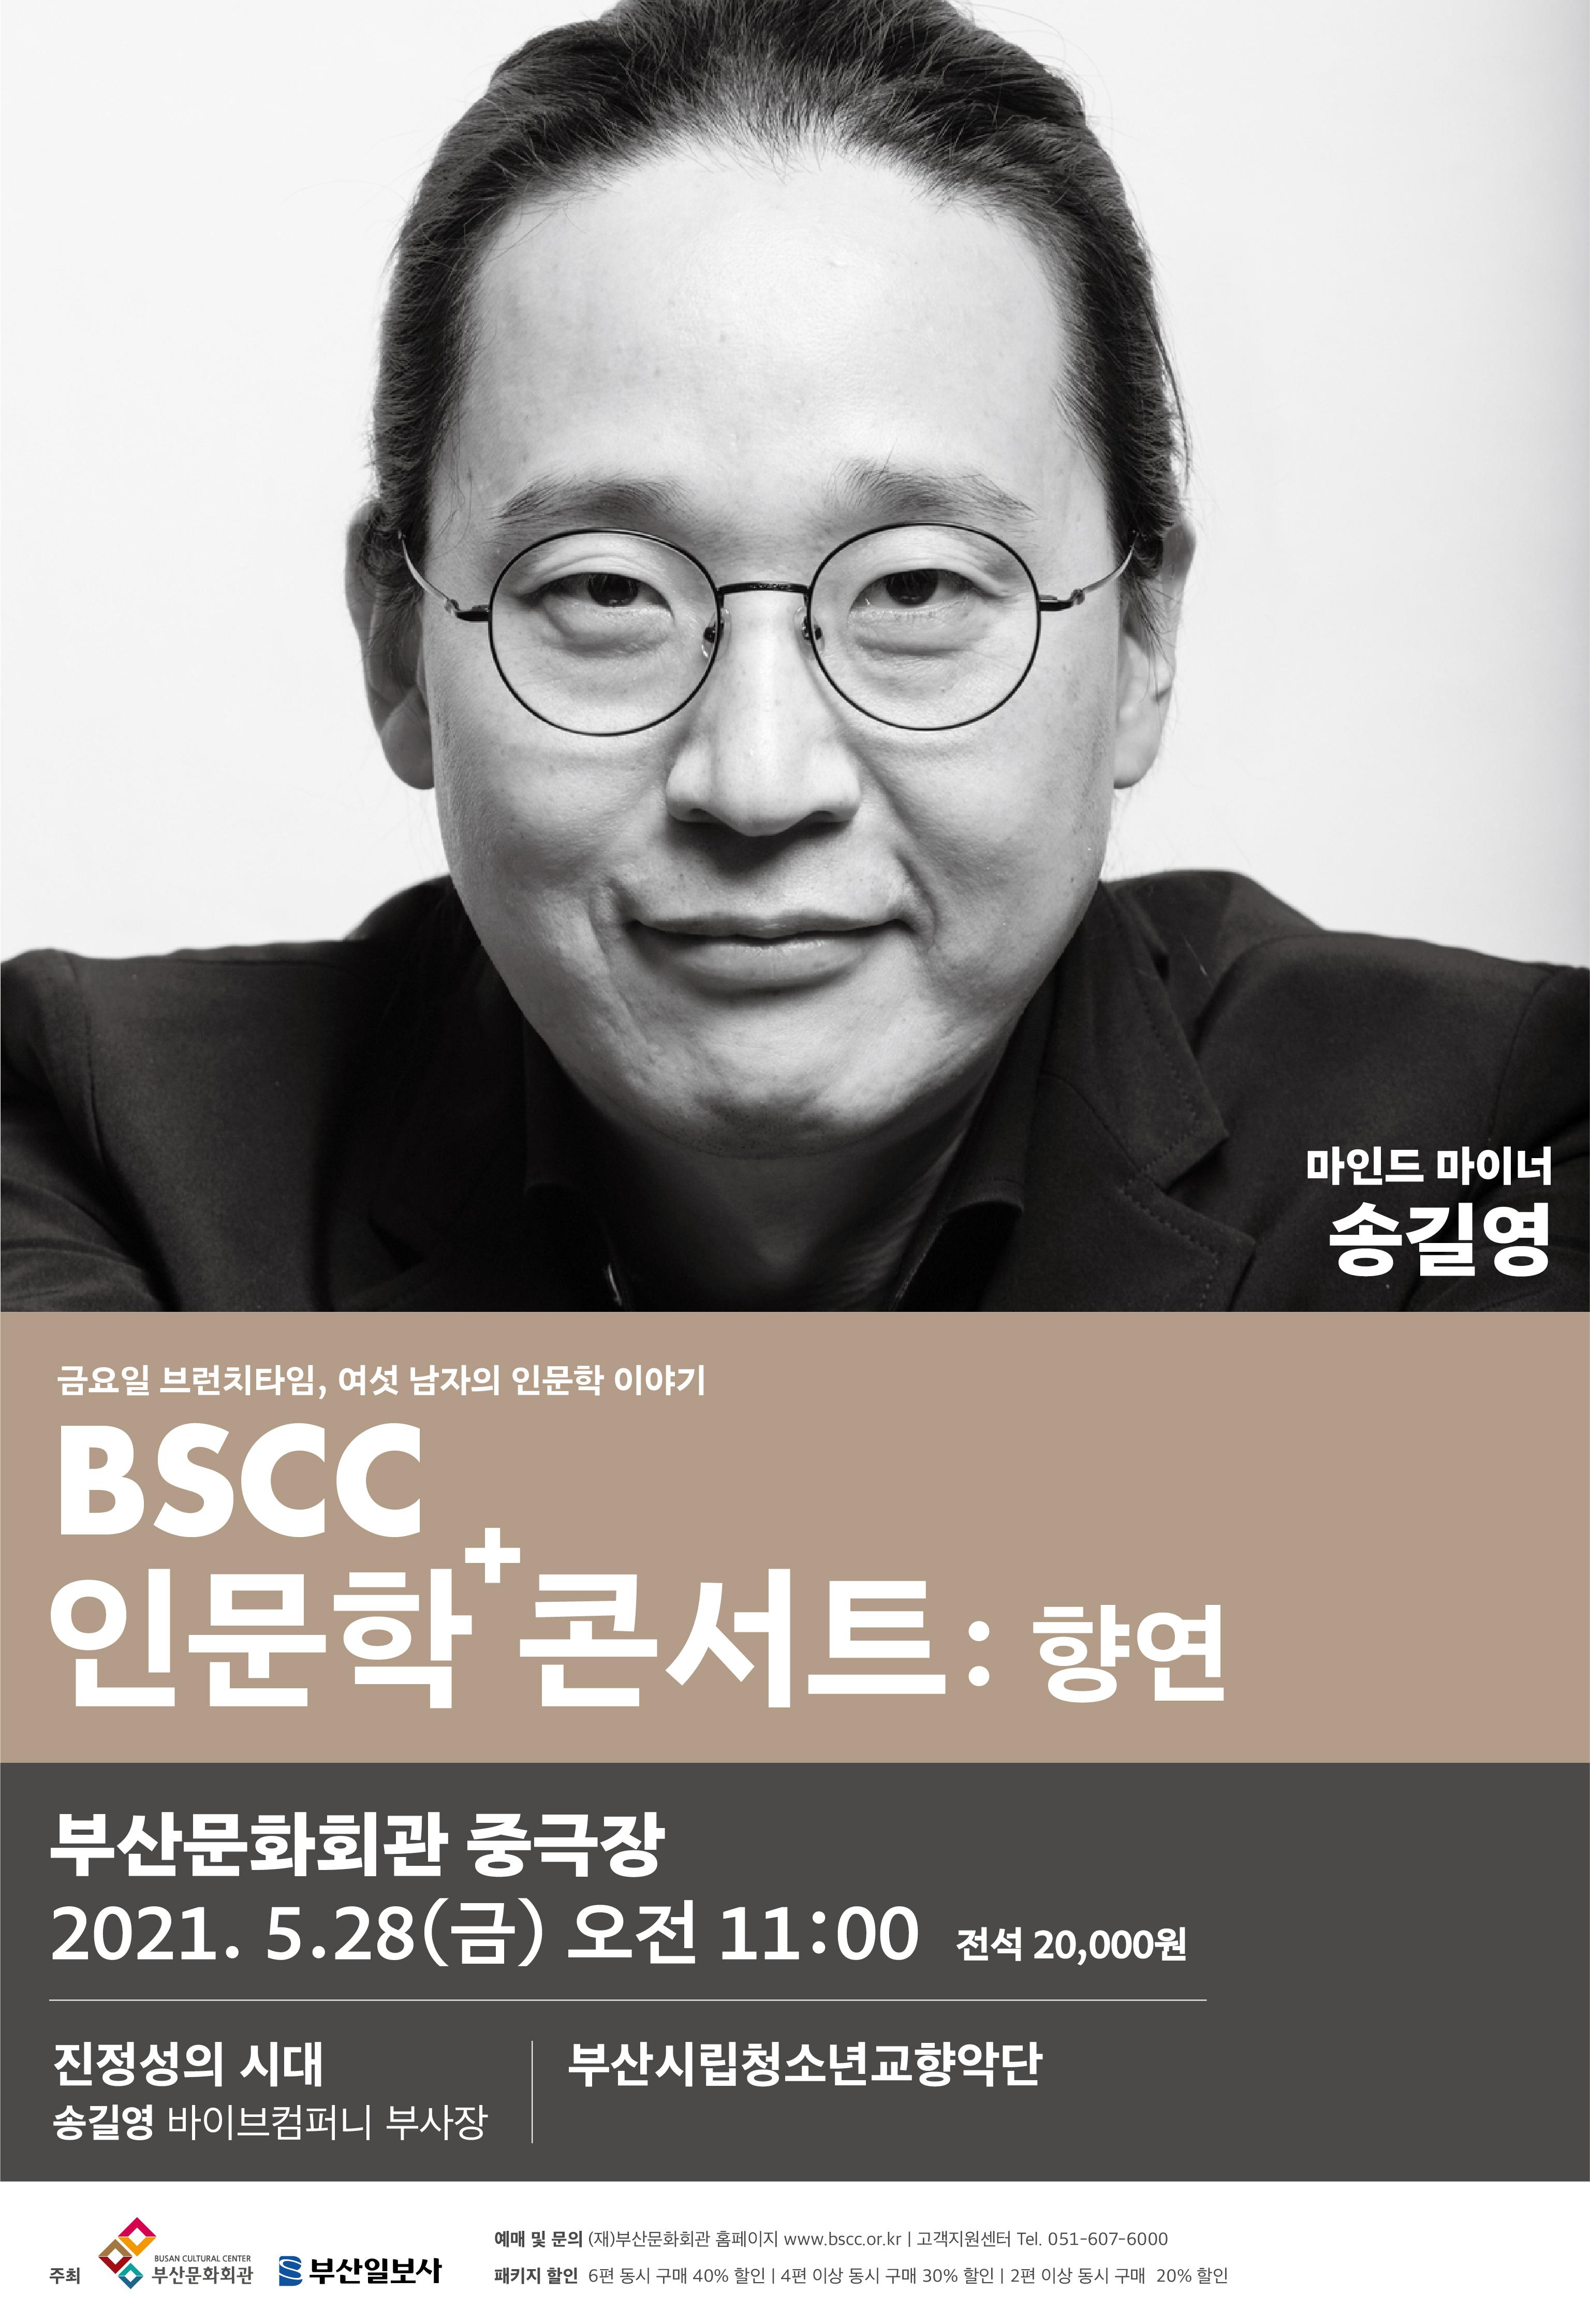 BSCC 인문학?콘서트:향연 - 진정성의 시대